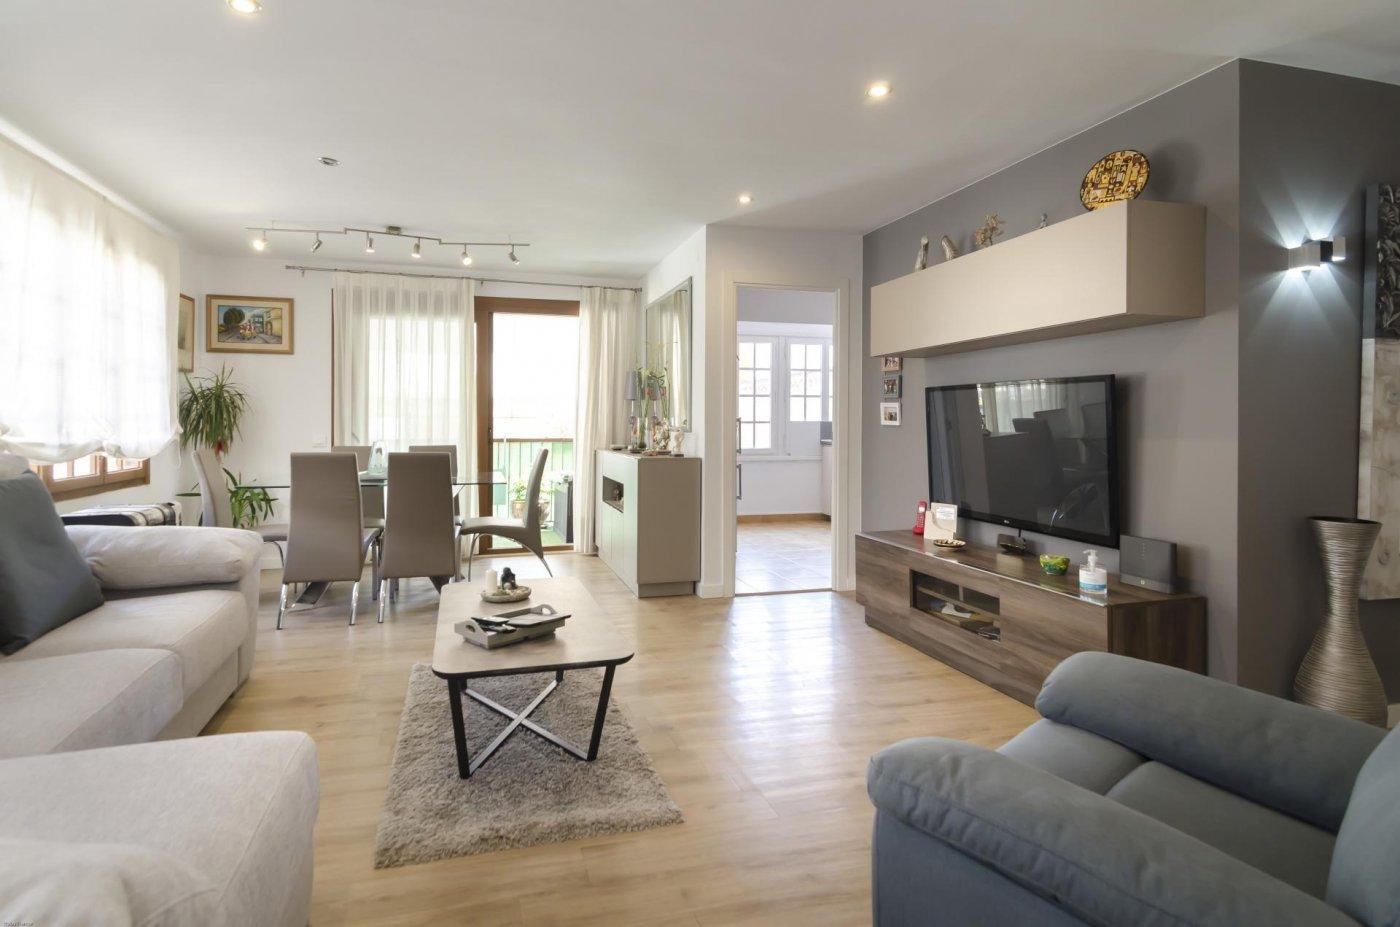 Apartment for sale in Lloret de Mar, Lloret de Mar